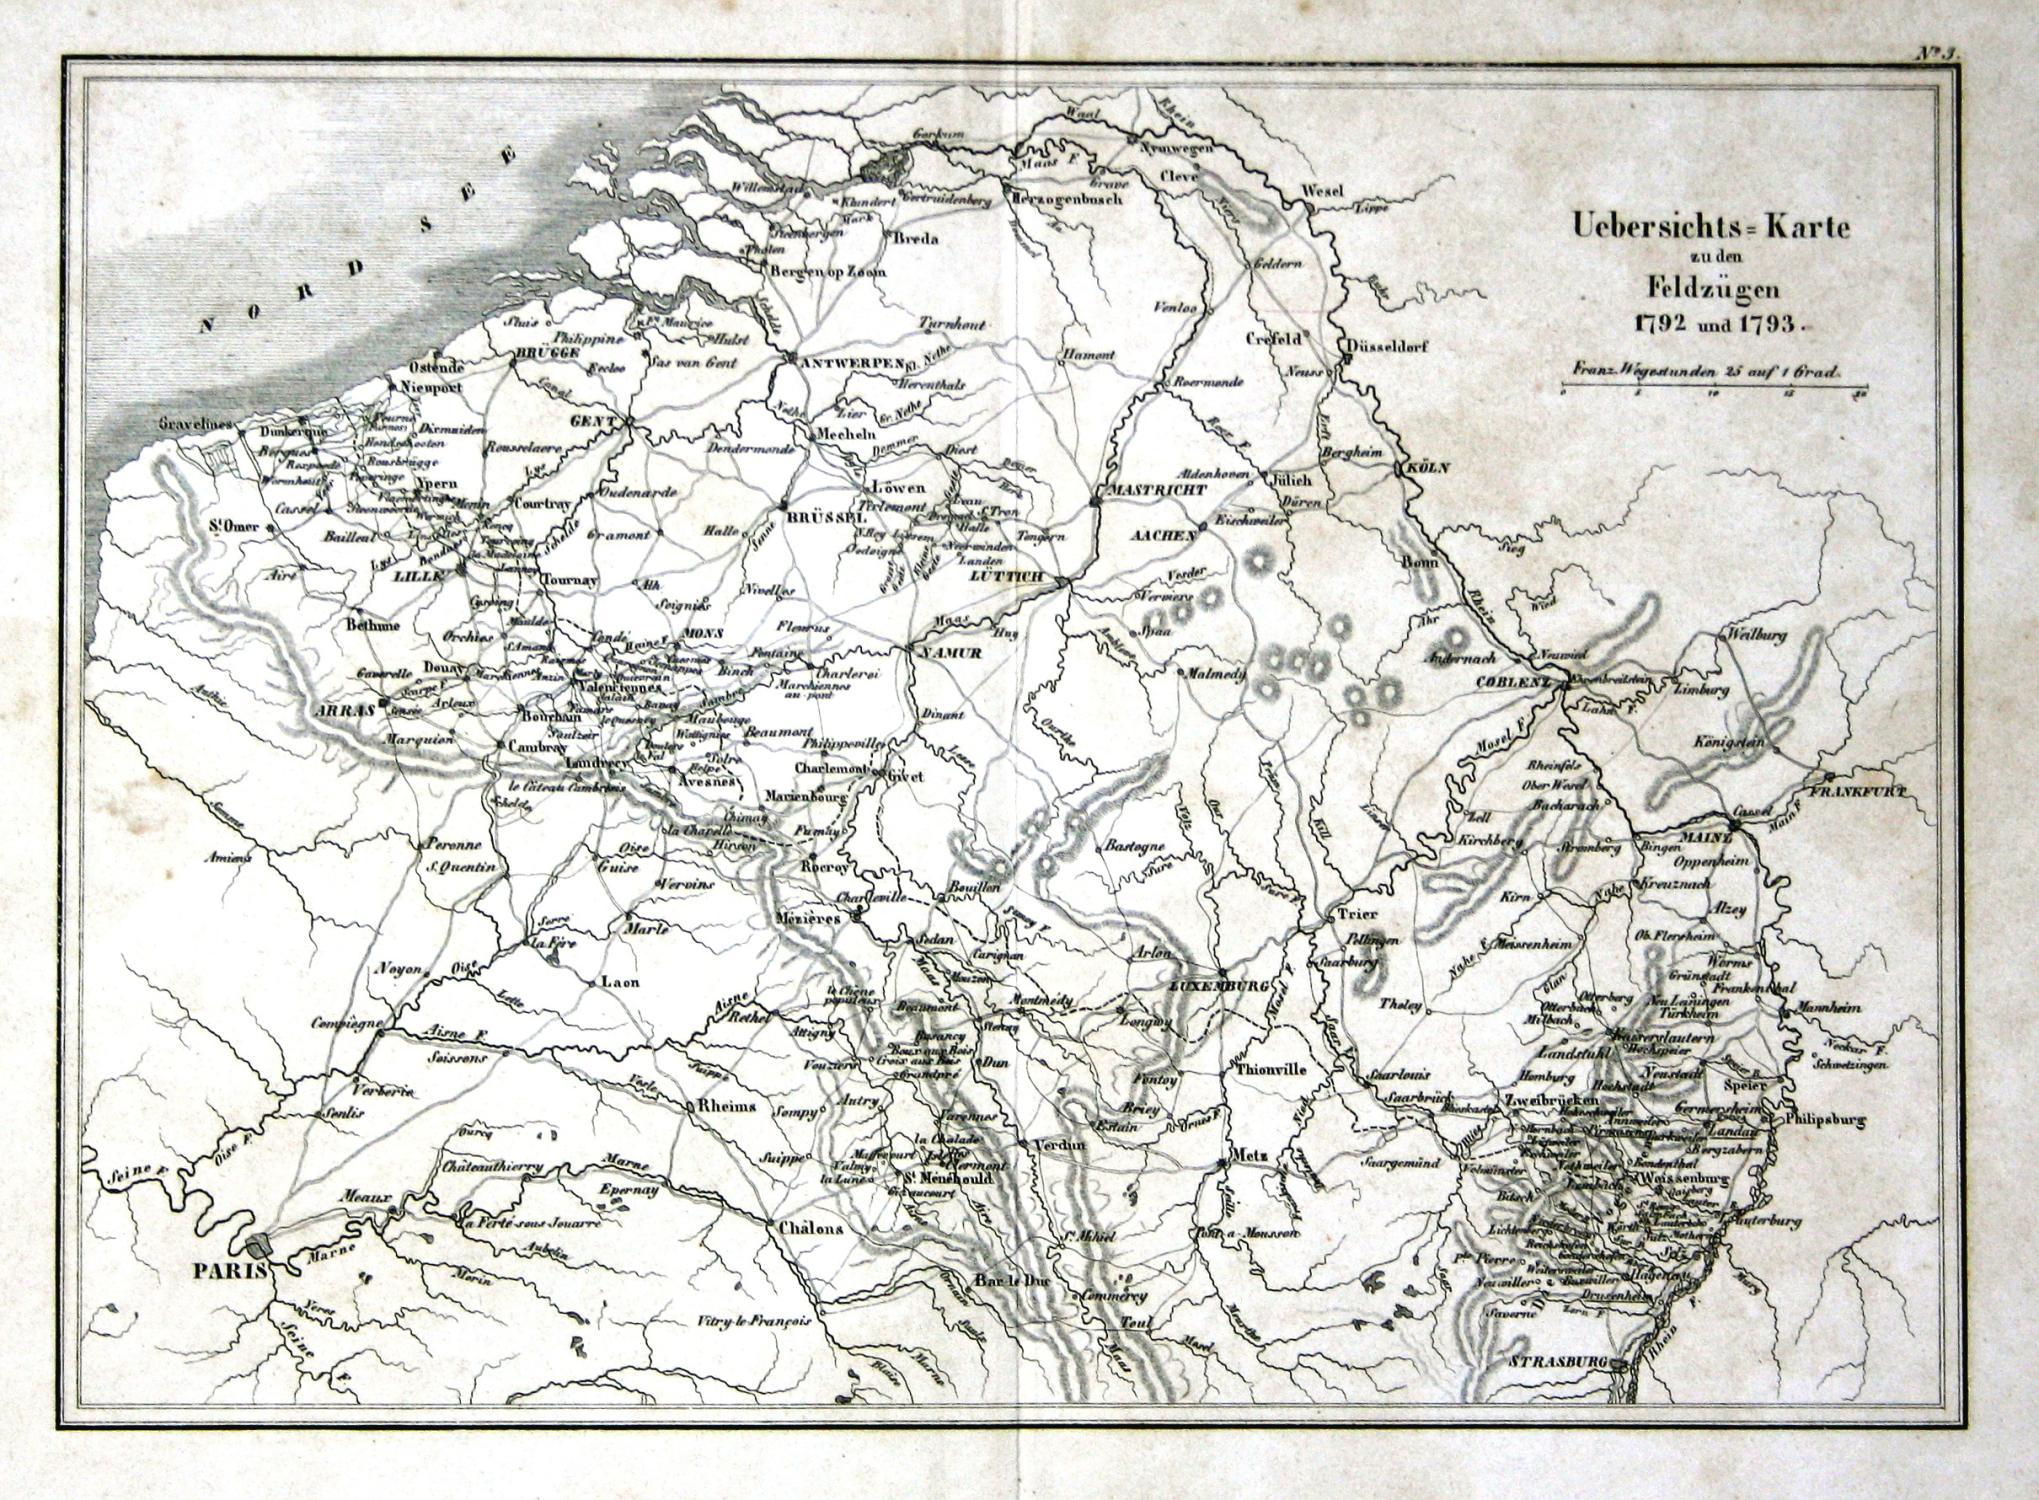 Karte Koblenz.Uebersichts Karte Zu Den Feldzügen 1792 Und